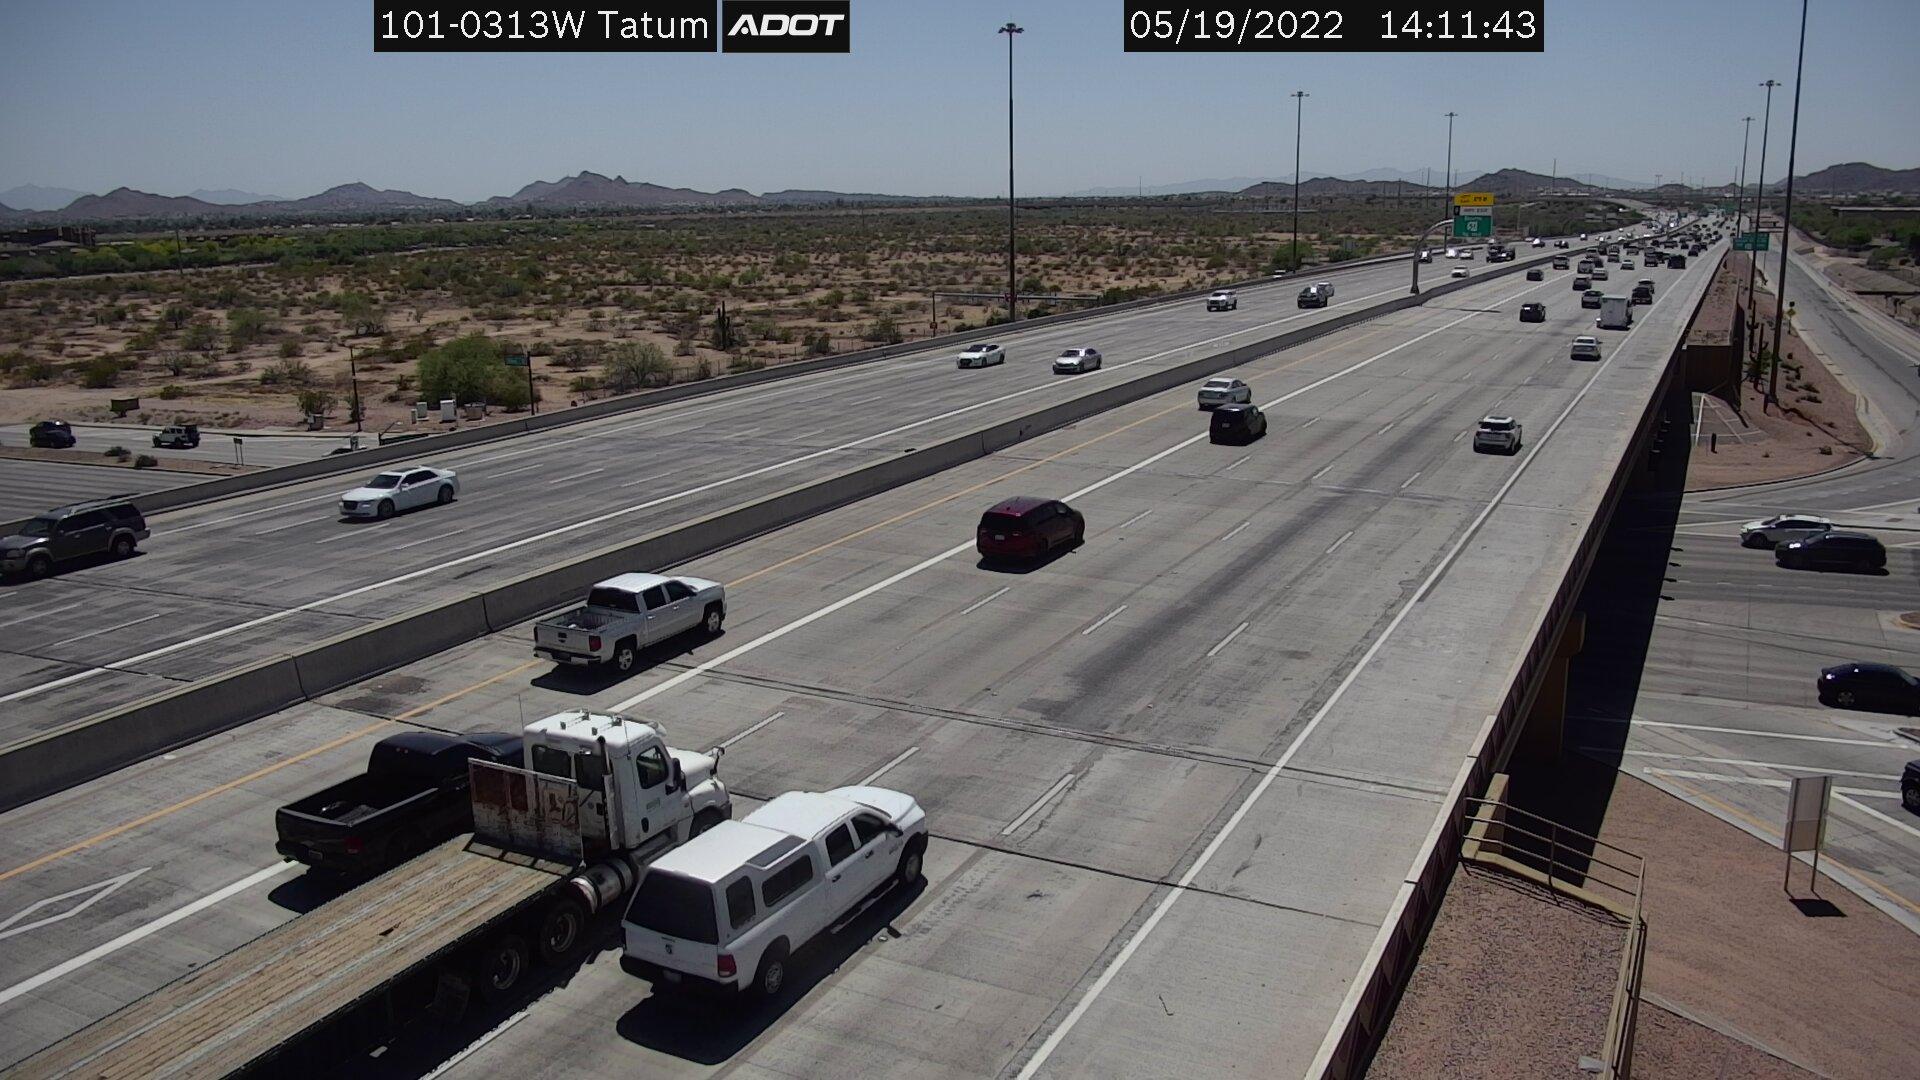 L101 WB Tatum Blvd WB (L101) (123) - Phoenix and Arizona